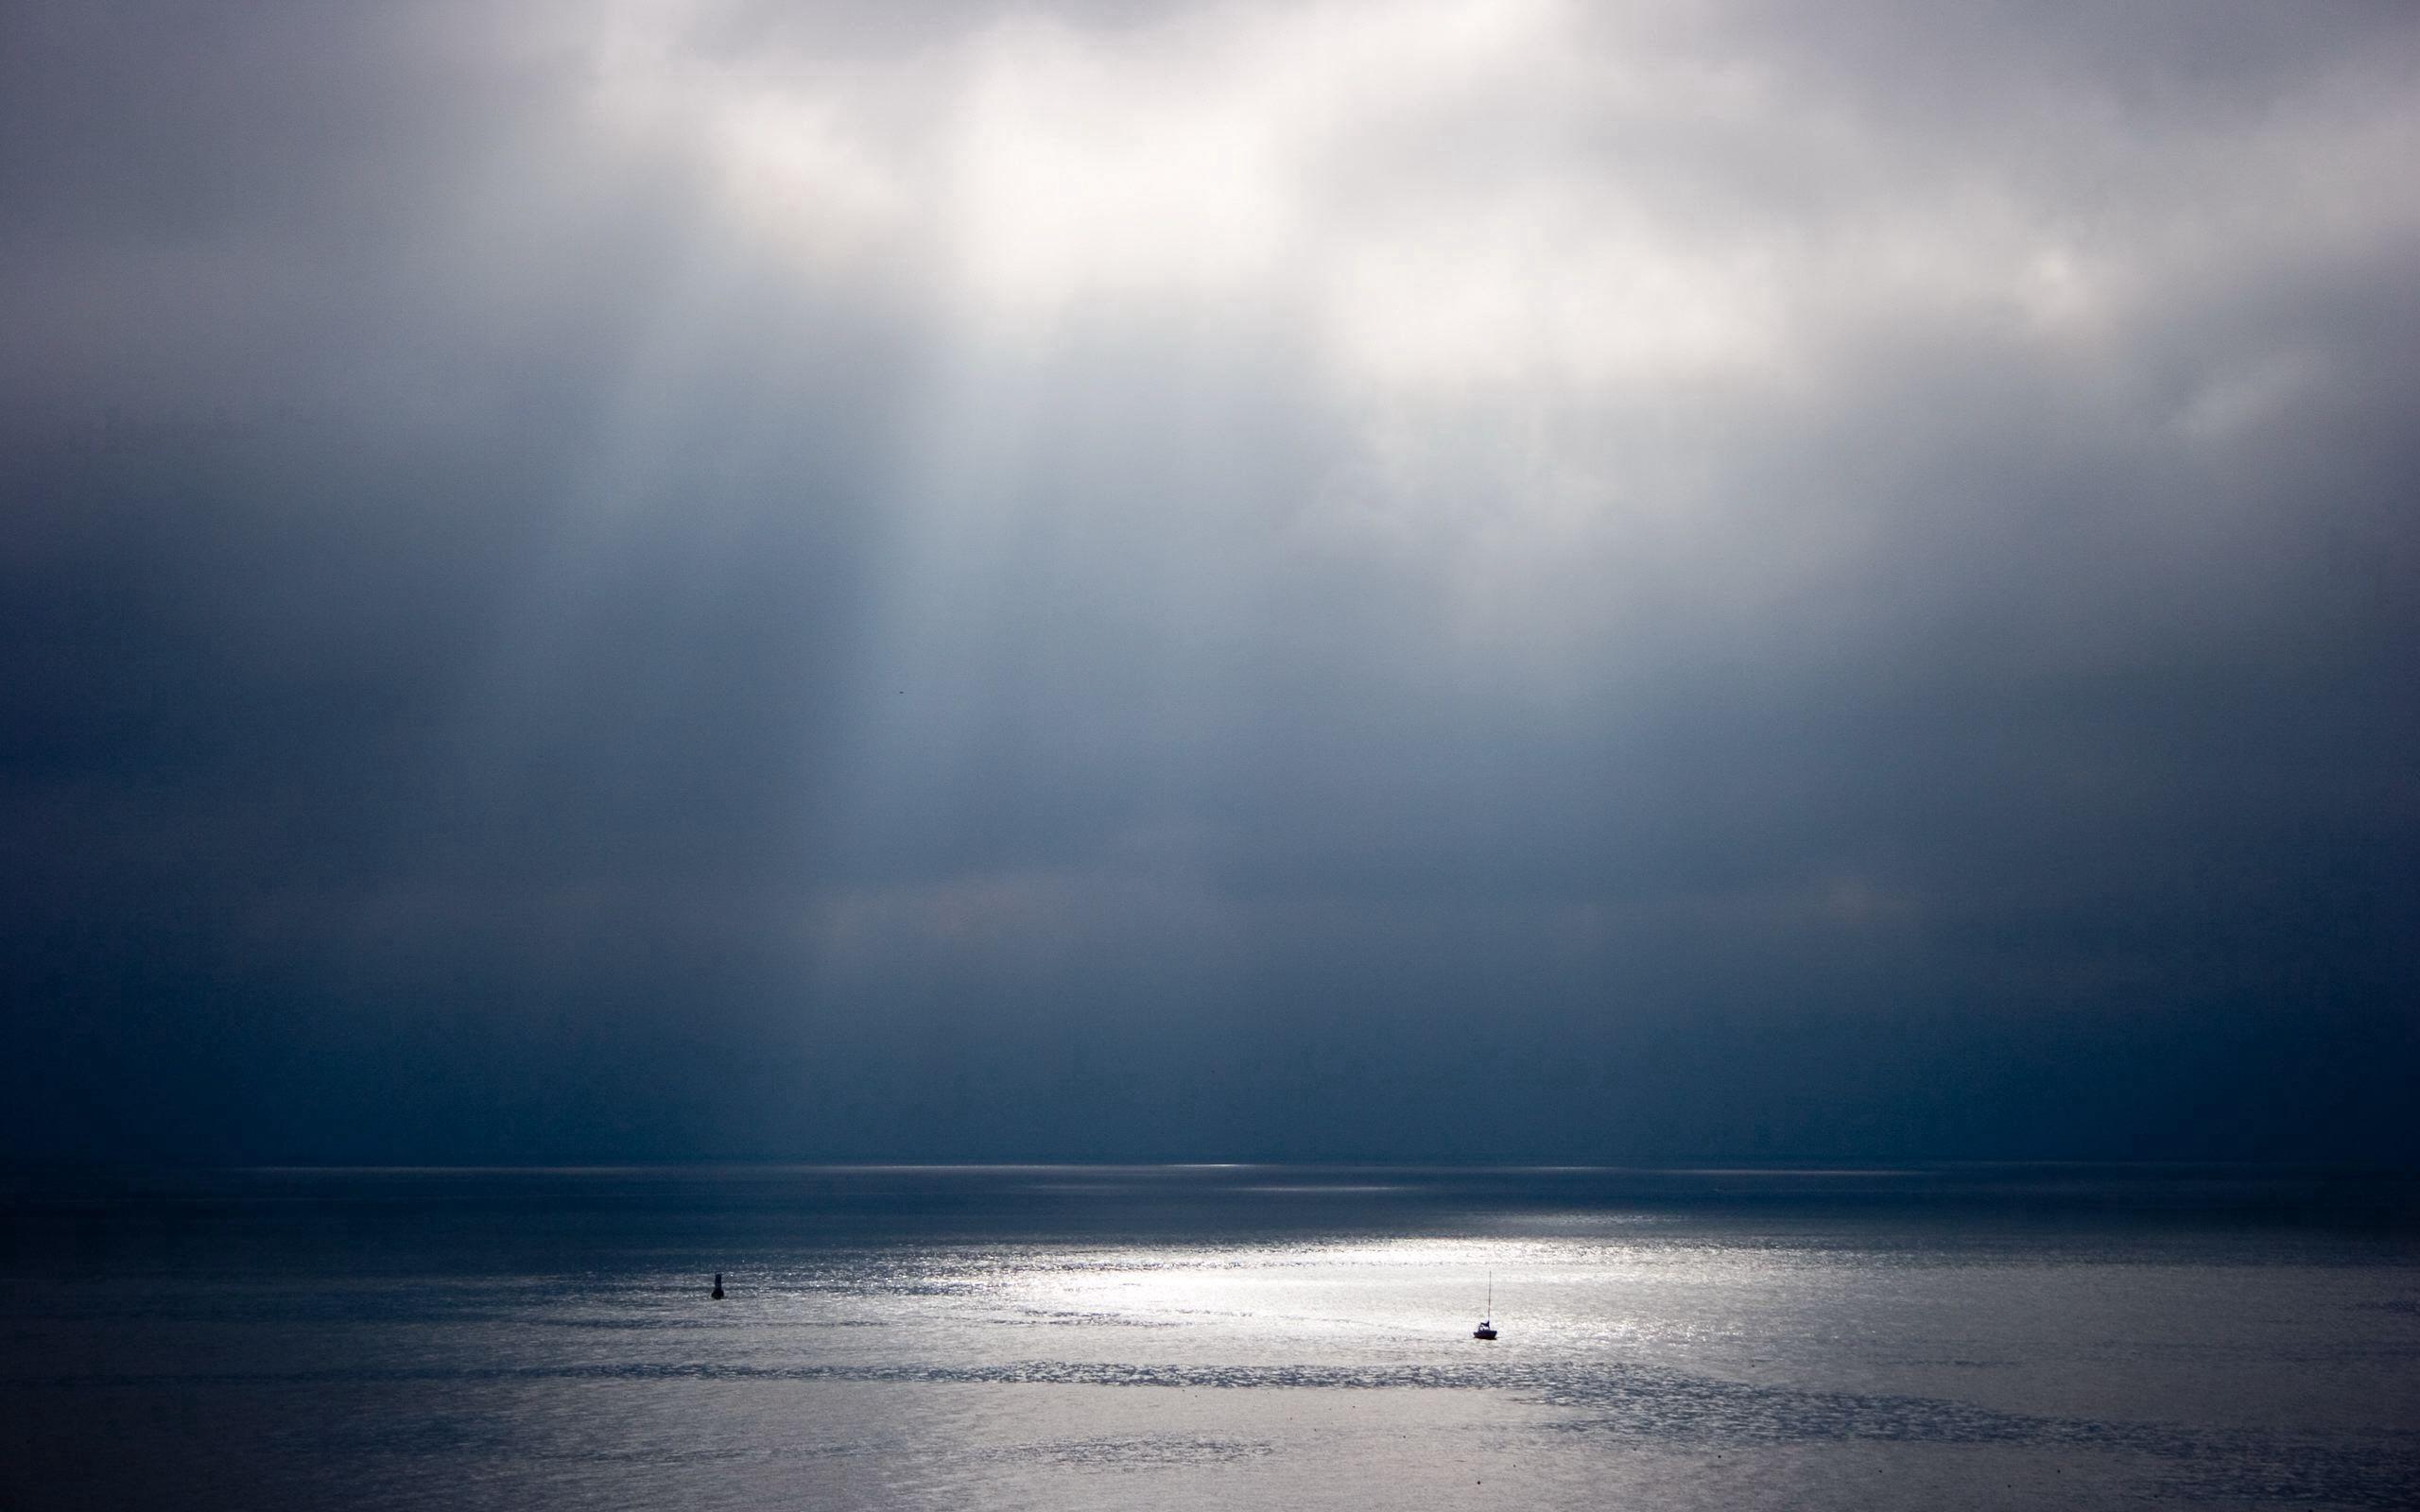 152900壁紙のダウンロード自然, ビーム, 光線, 水, スカイ, 輝き, 輝く, サン-スクリーンセーバーと写真を無料で